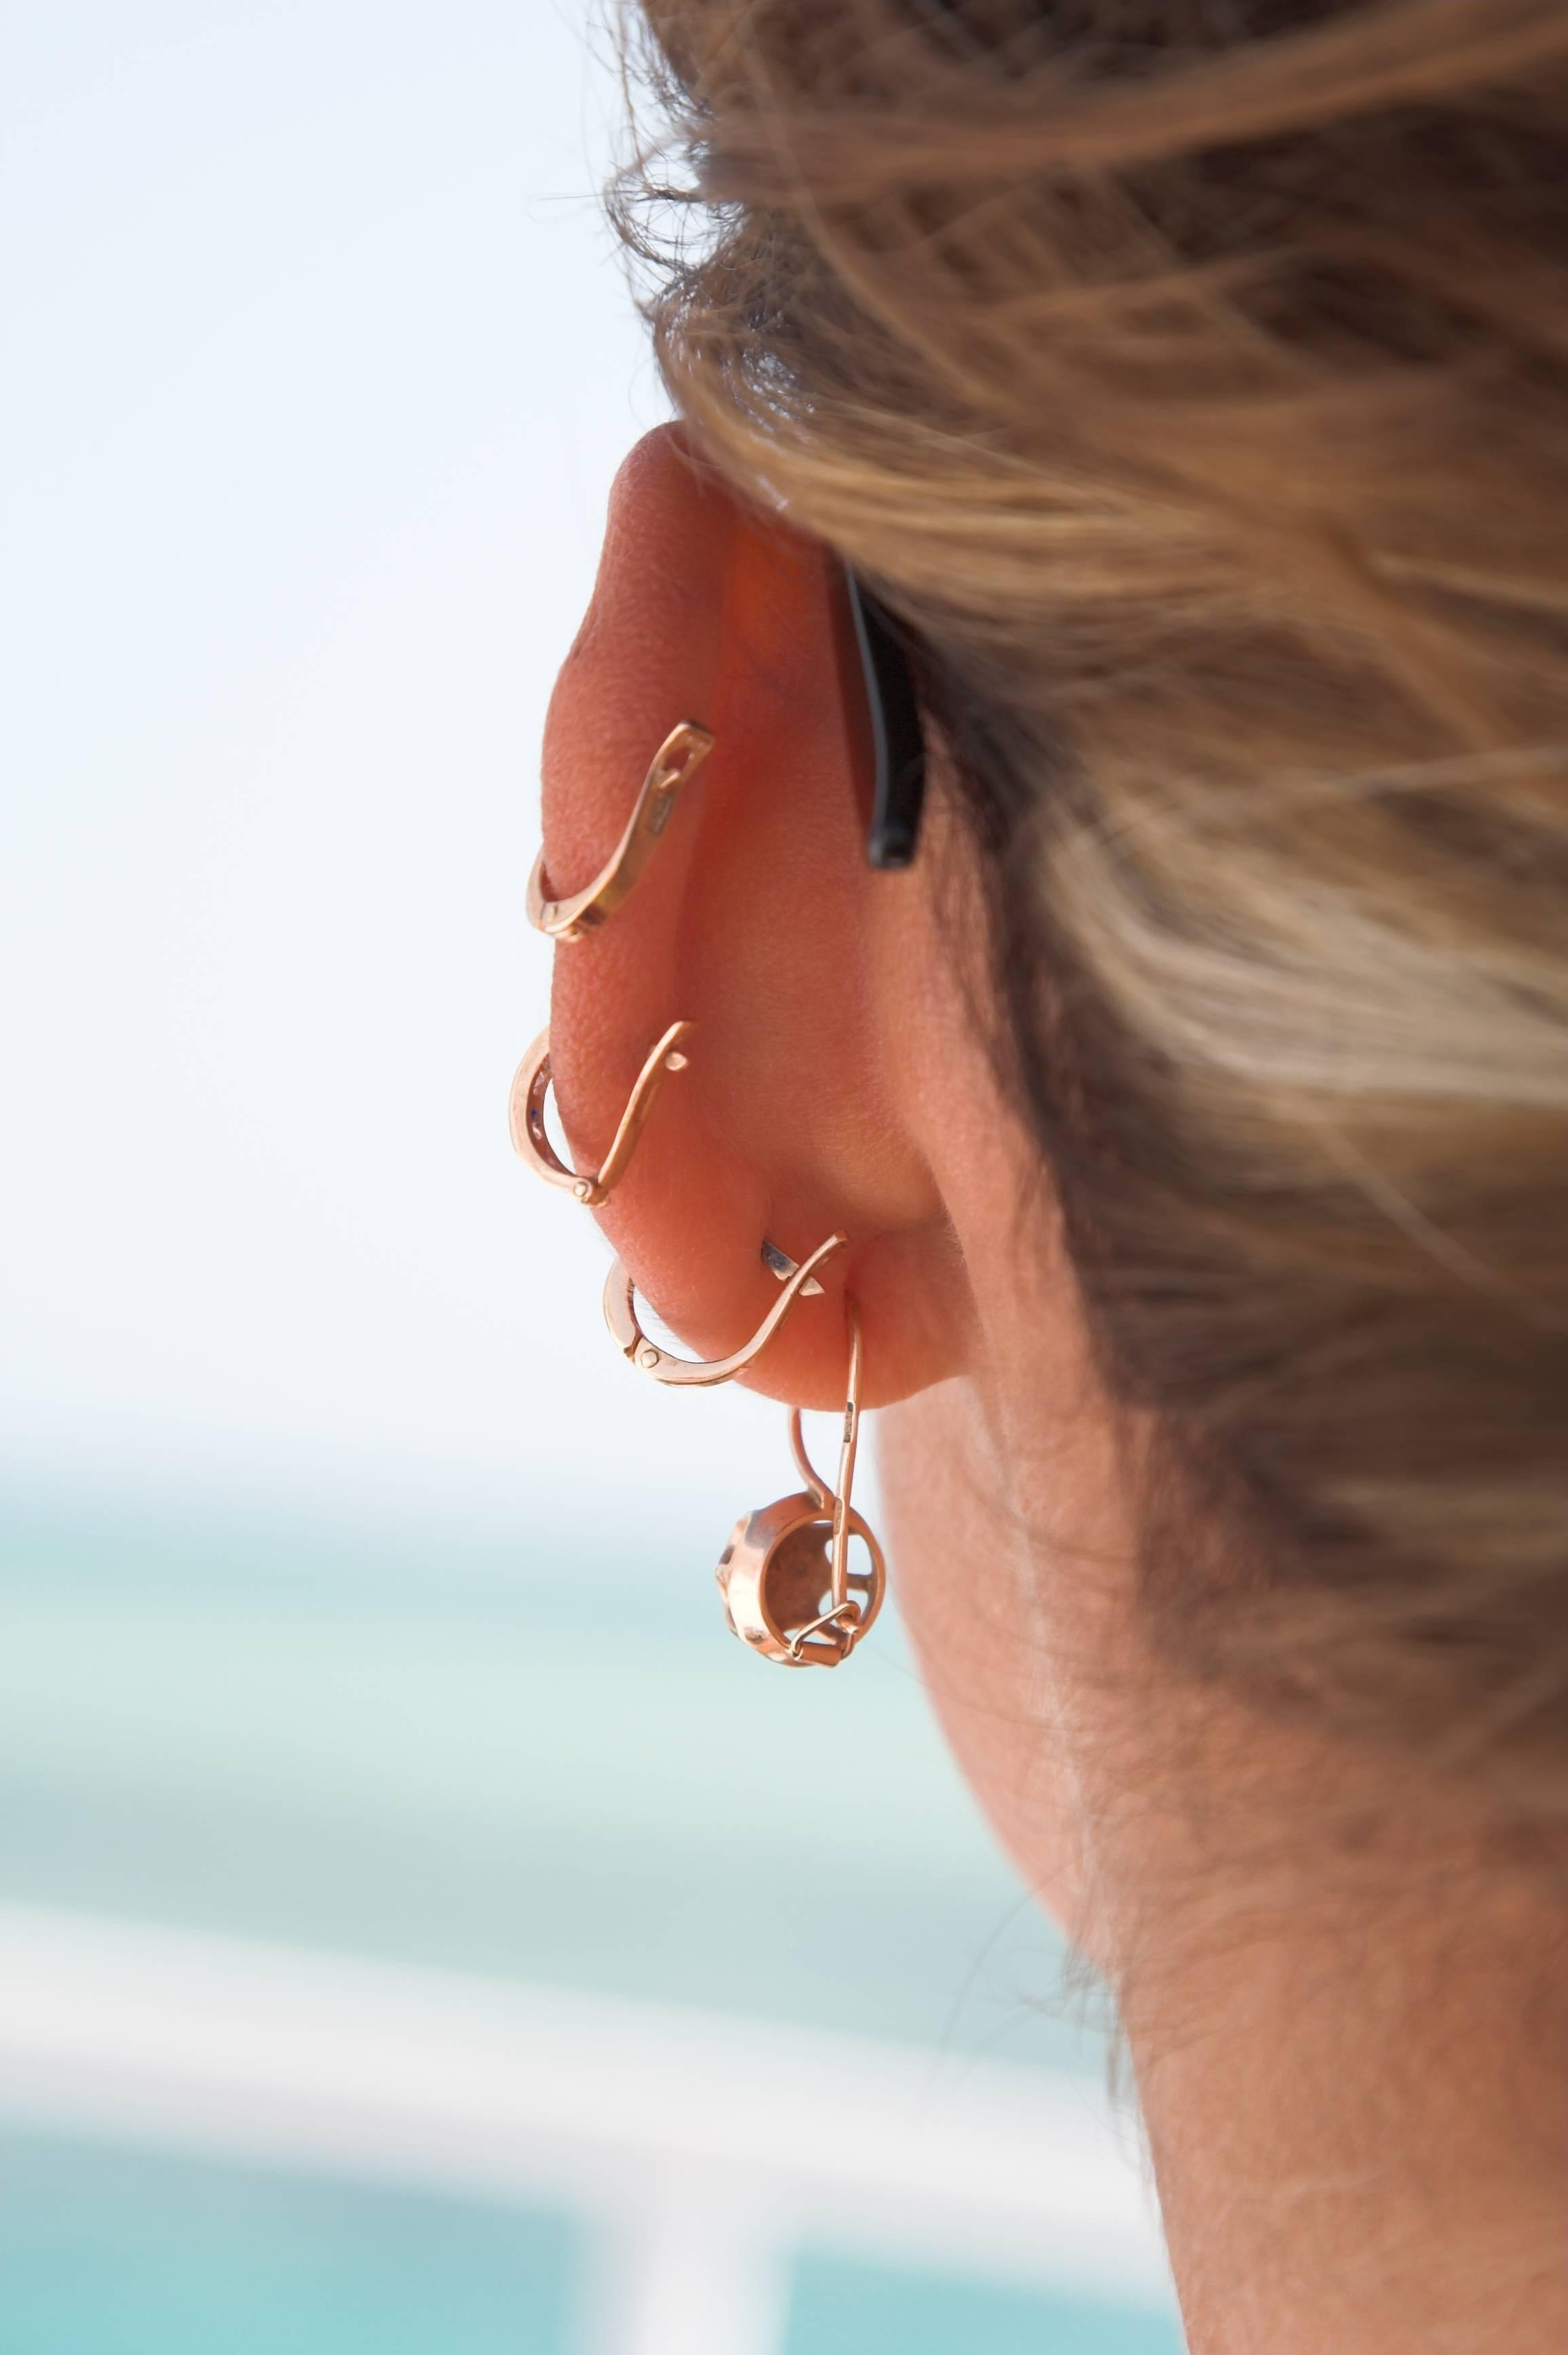 la perforación del oído